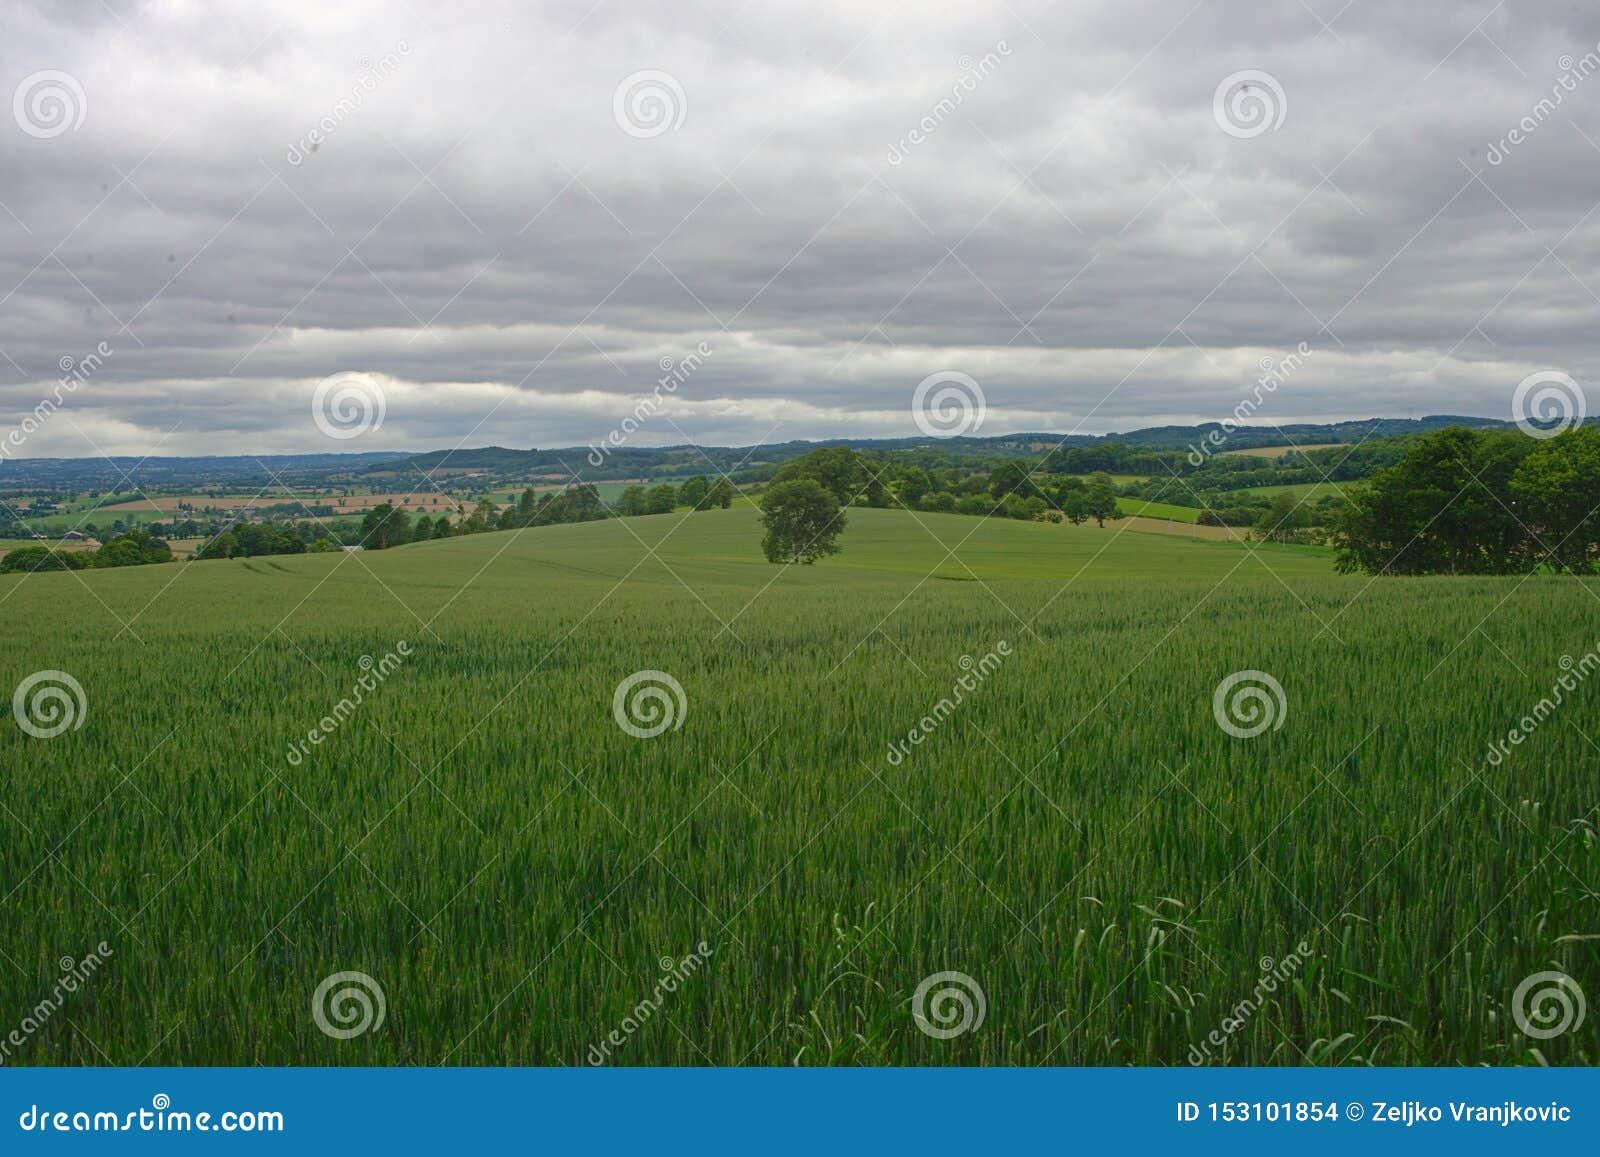 Vetefält med skogar och himmel i bakgrund